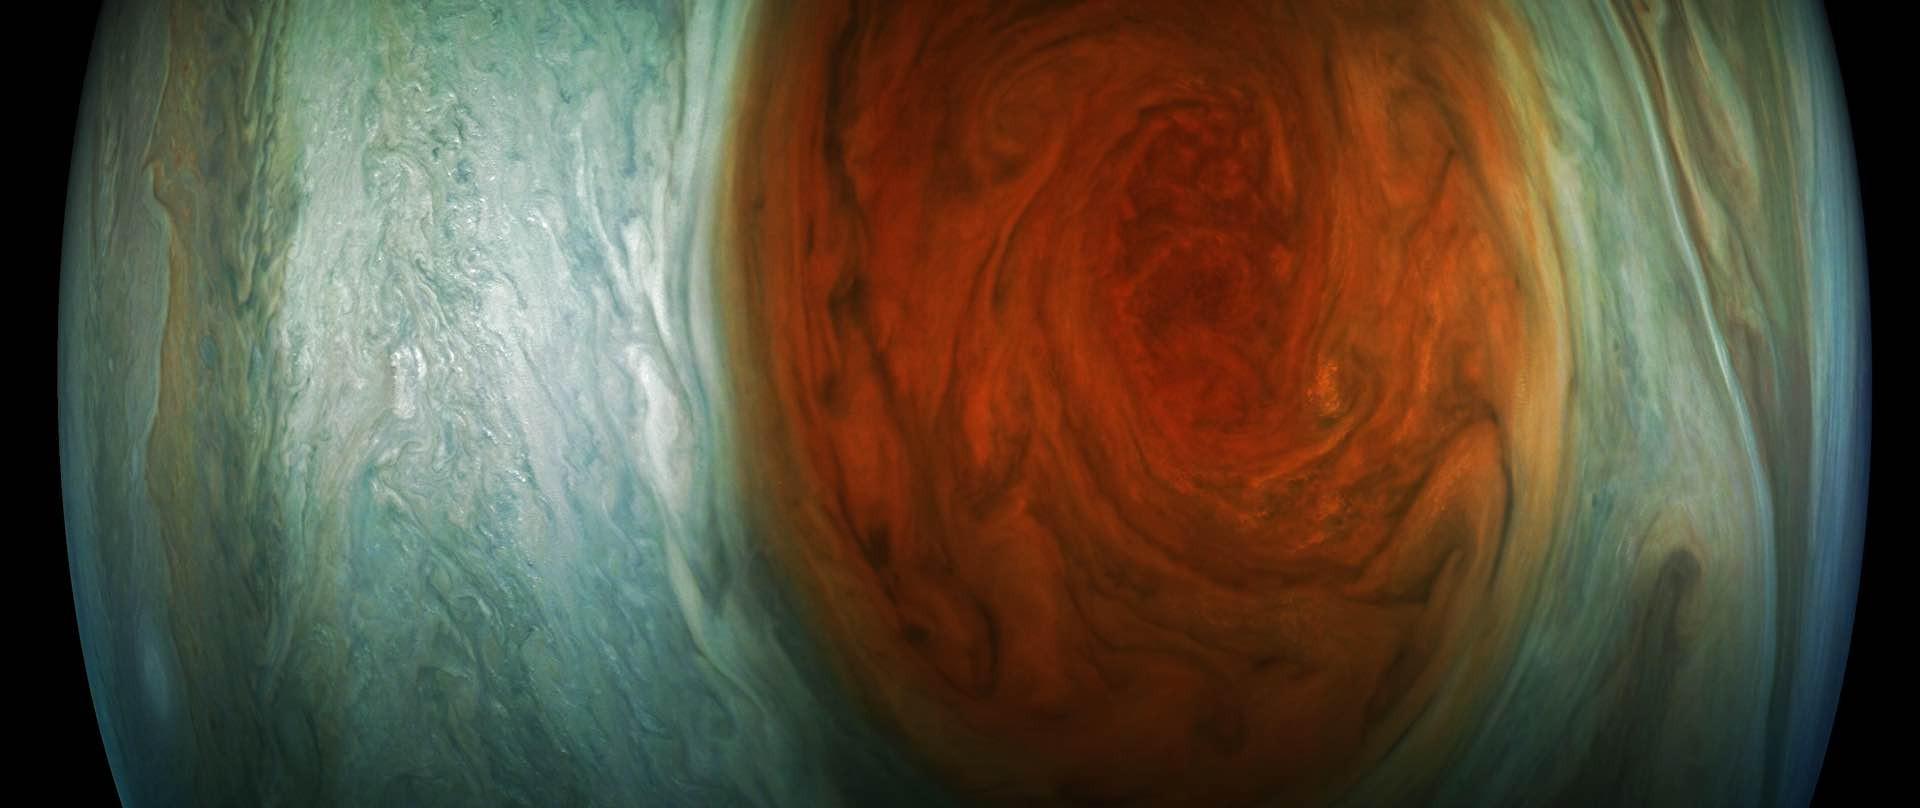 Photo: NASA/JPL-Caltech/SwRI/MSSS/Gerald Eichstadt